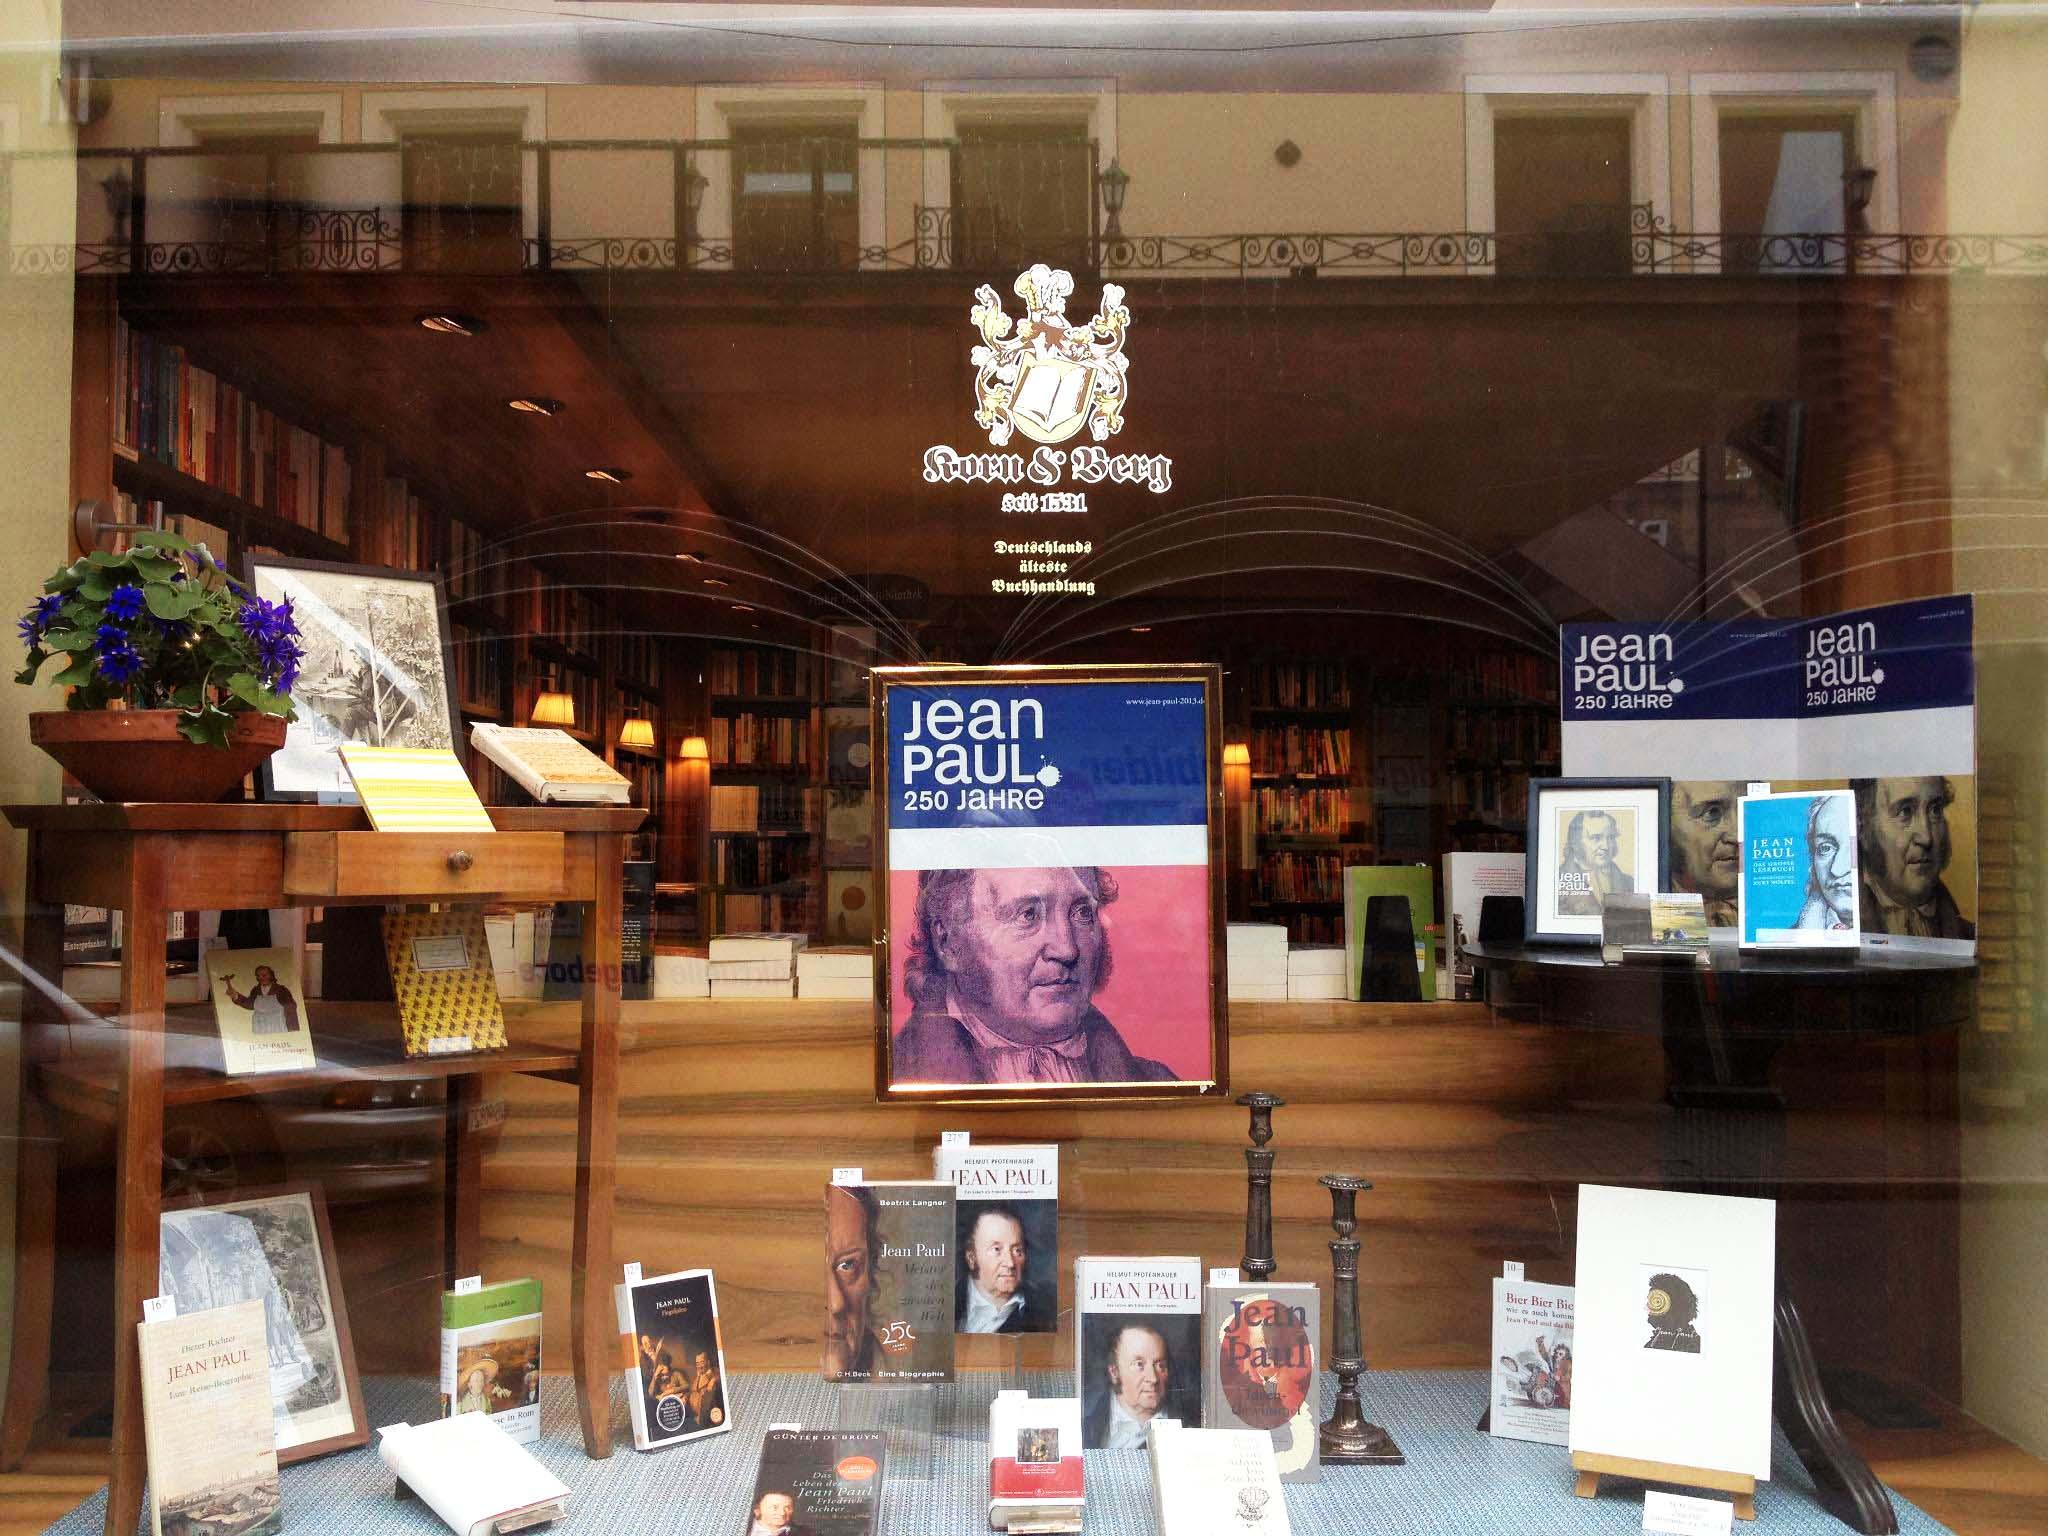 Jean-Paul-Schaufenster in Deutschlands ältester noch bestehender Buchhandlung Korn & Berg, Hauptmarkt 9 in Nürnberg, März 2013